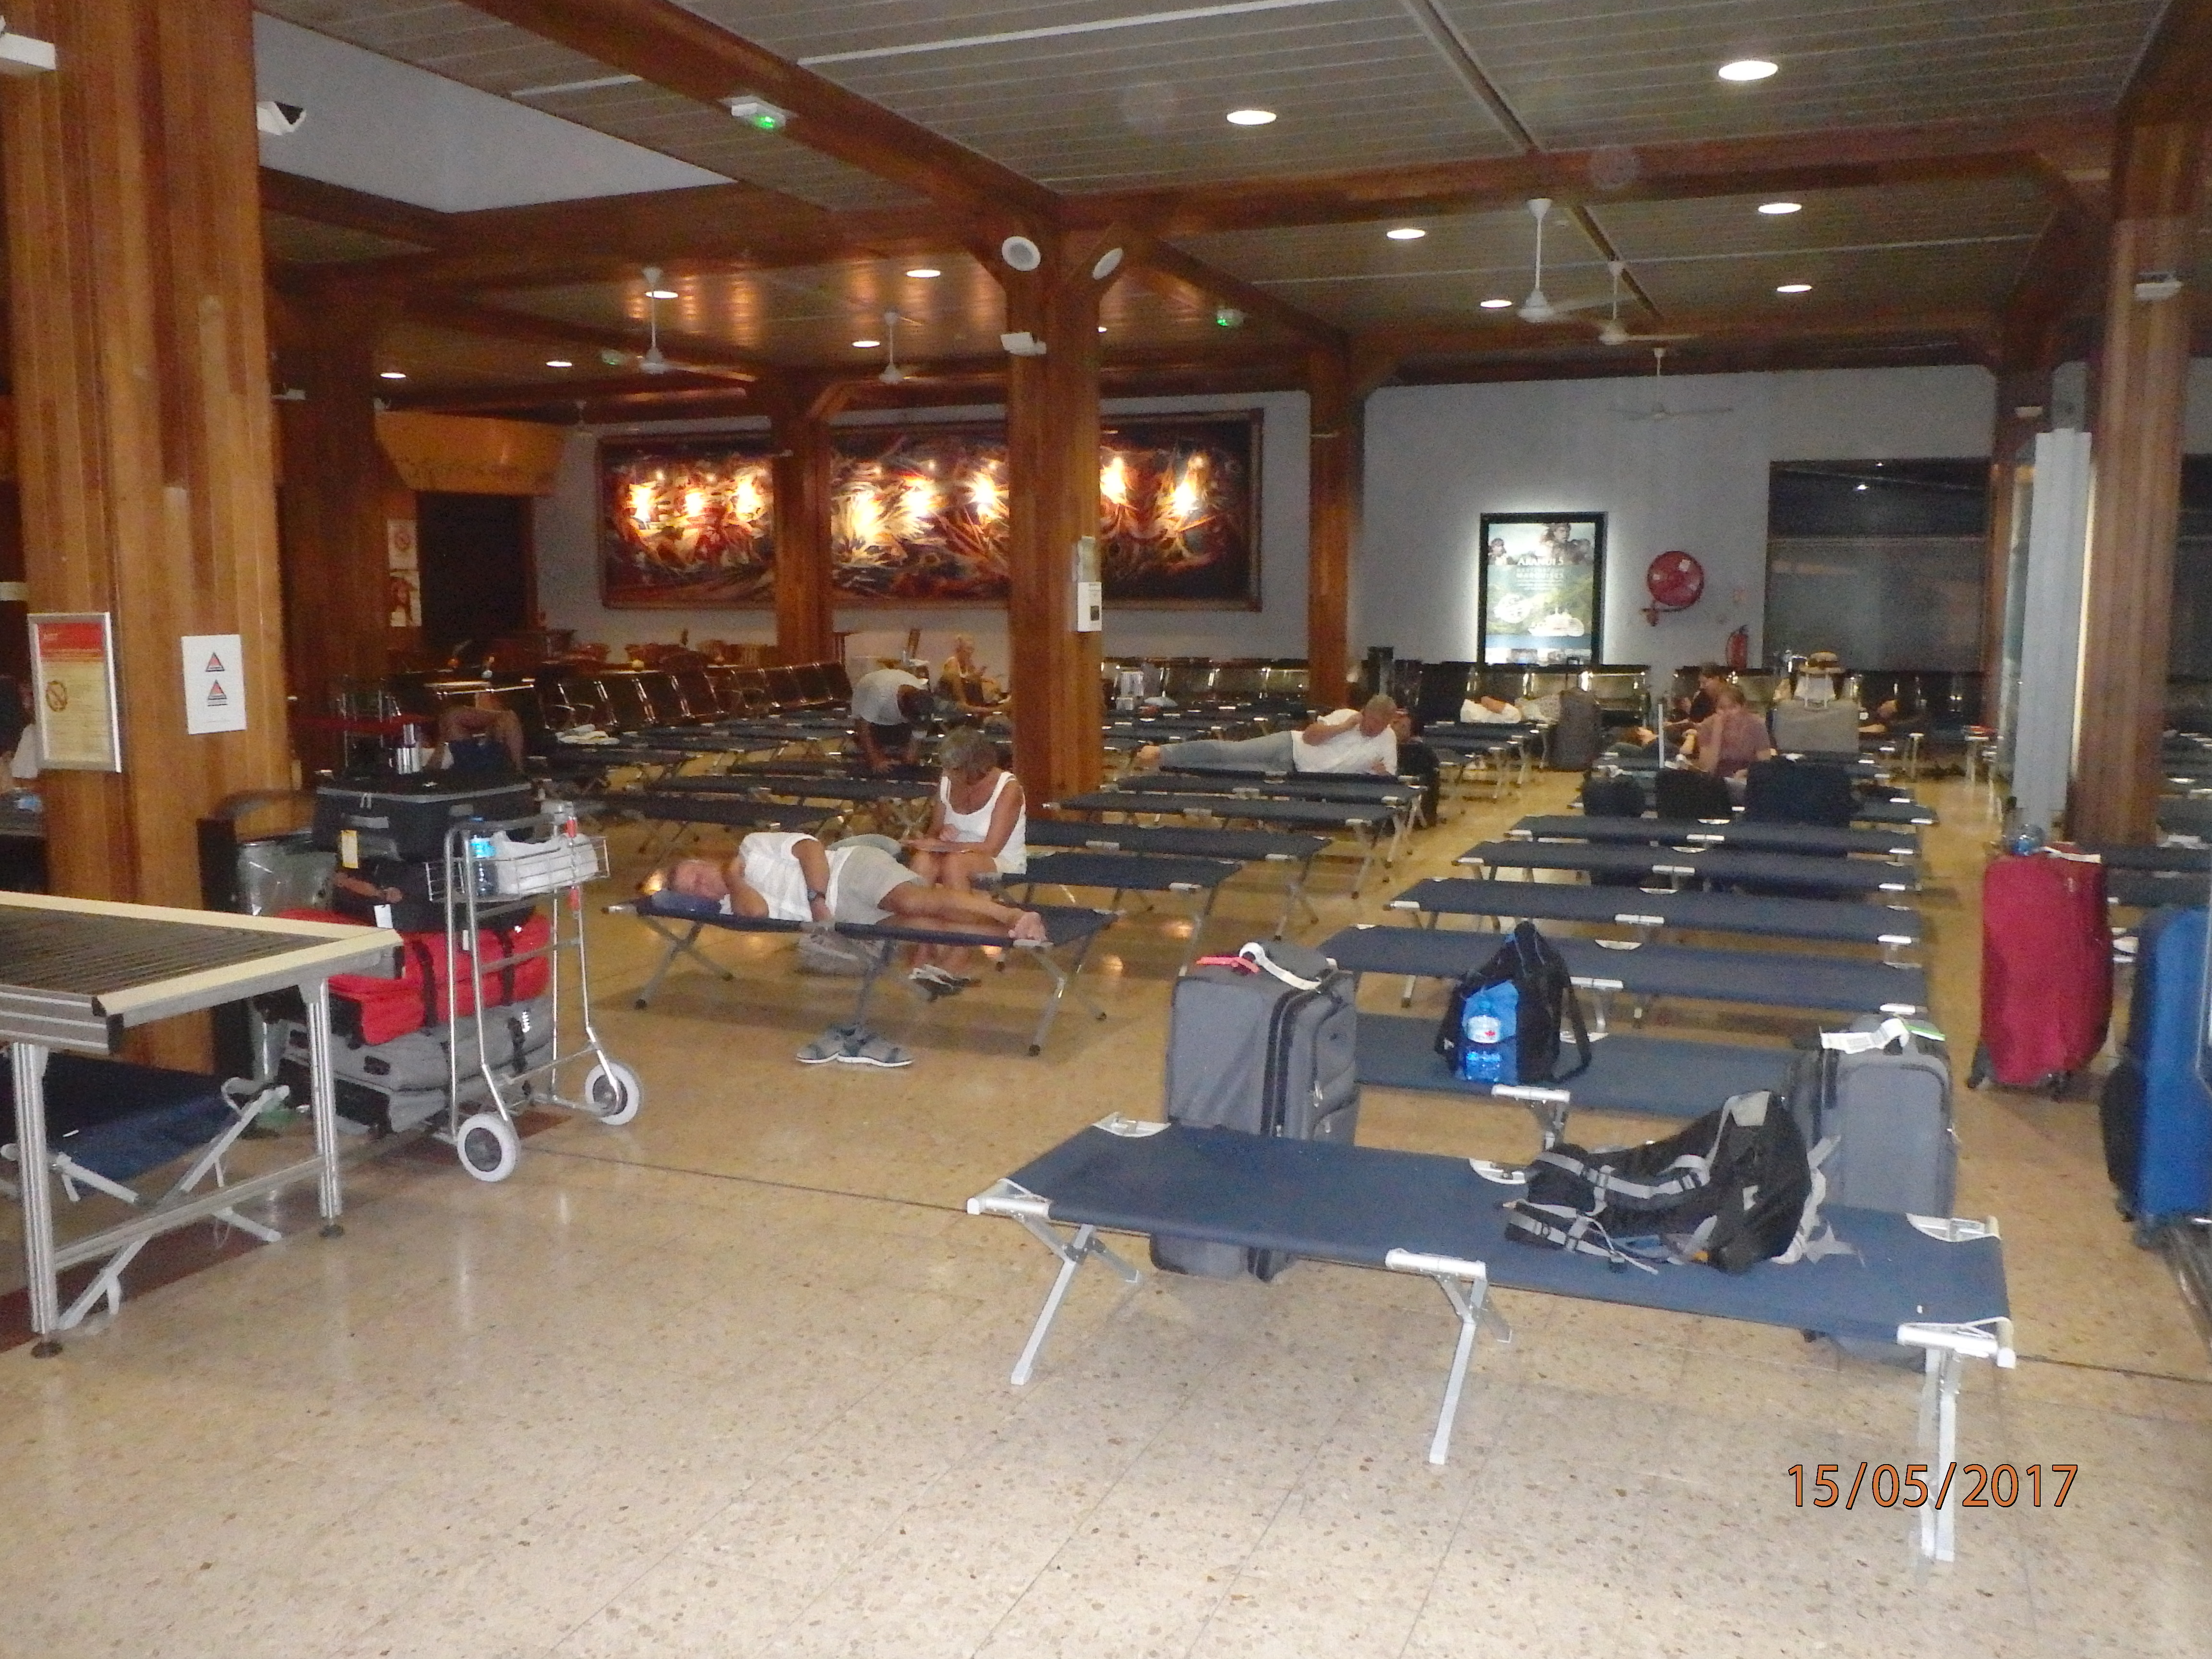 Grève à l'aéroport: des centaines de passagers bloqués à Tahiti